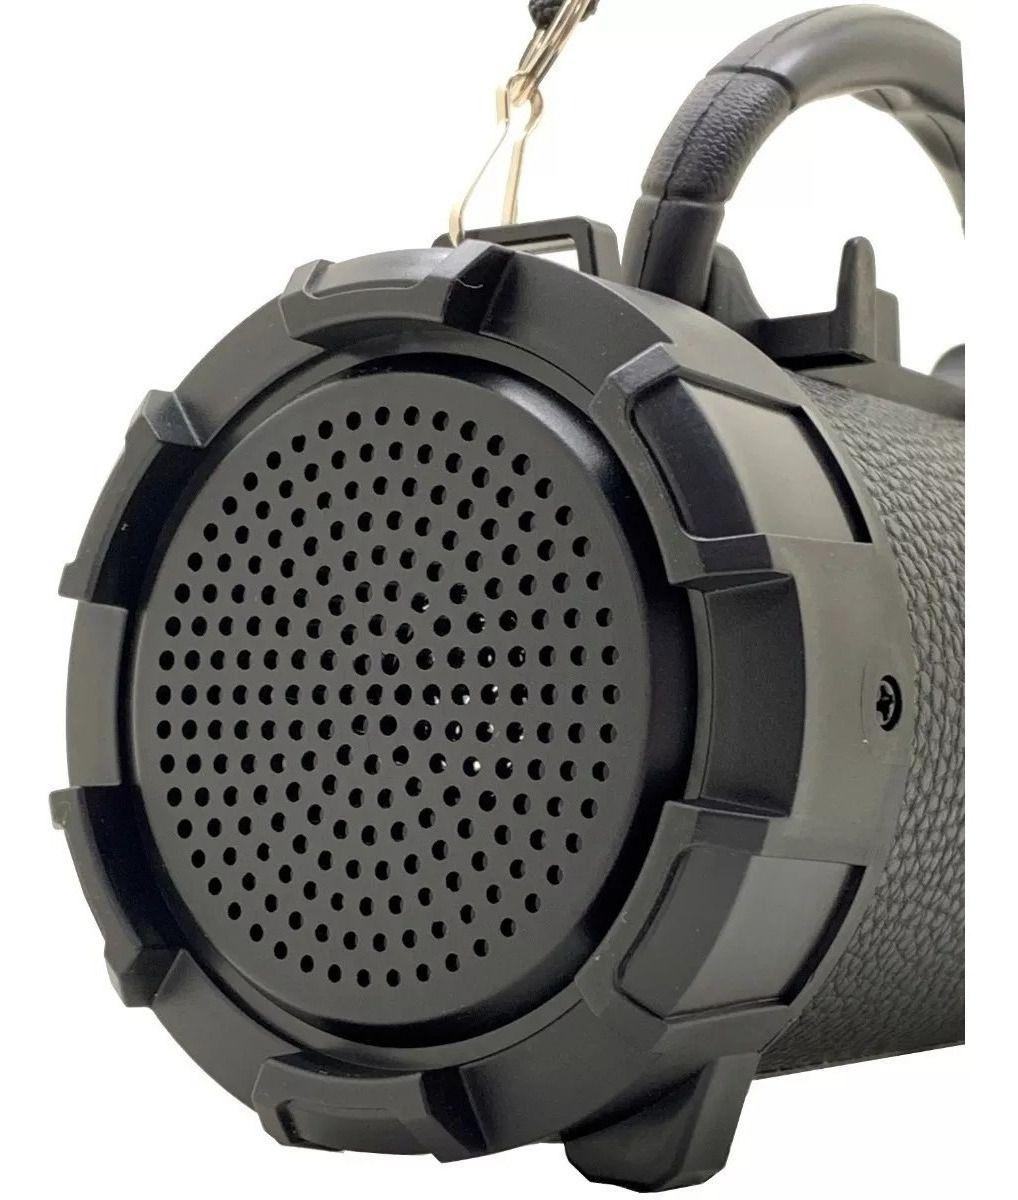 Caixa Som Grasep D-P13 c/ Headset Incluso